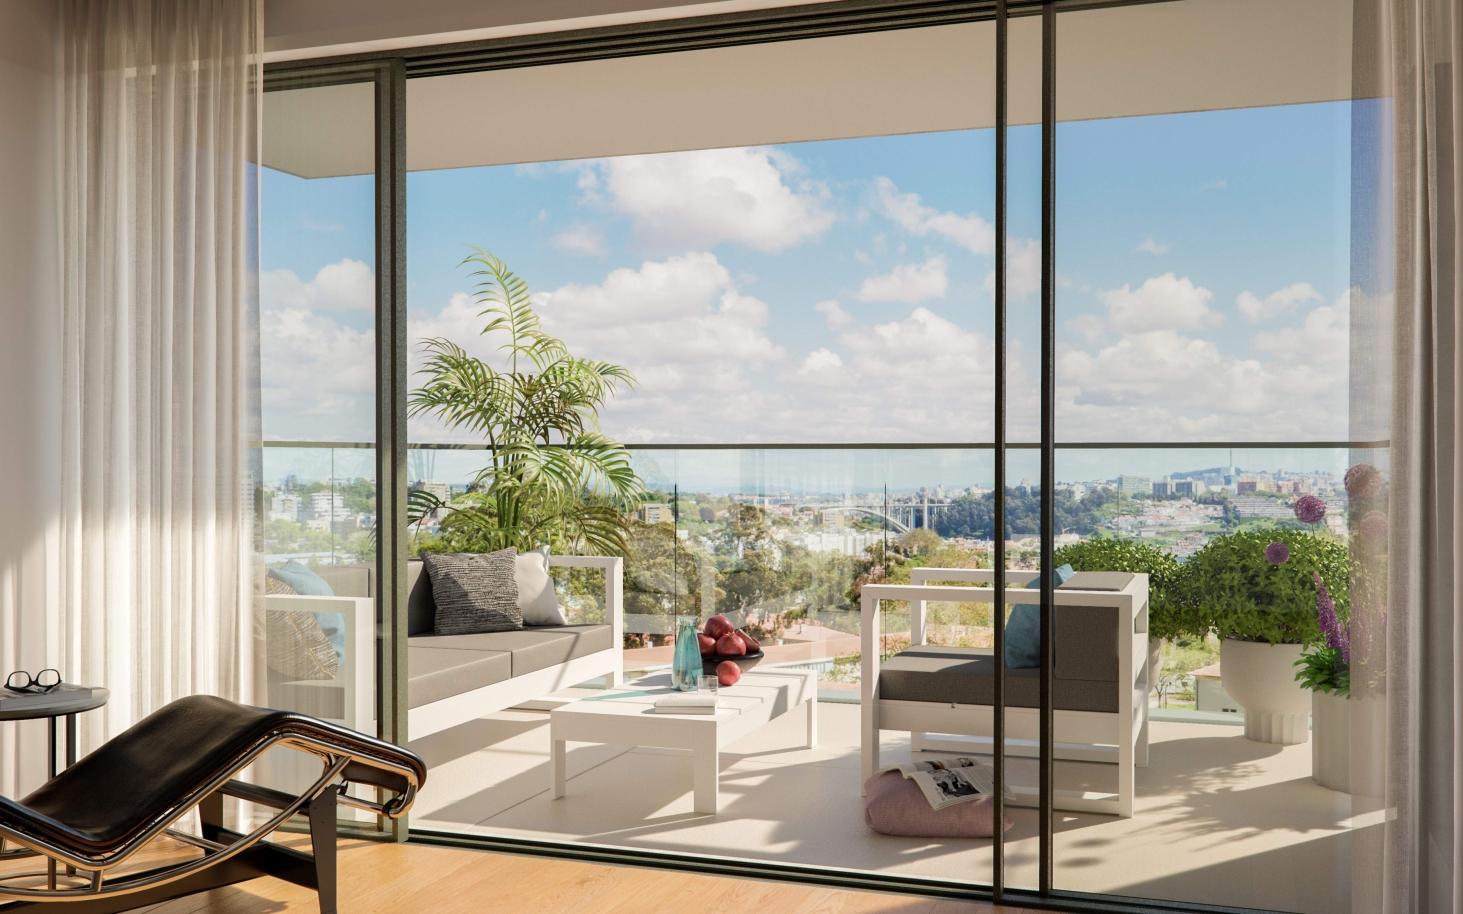 sale-of-new-apartment-t4-with-balcony-pinhais-da-foz-porto-portugal